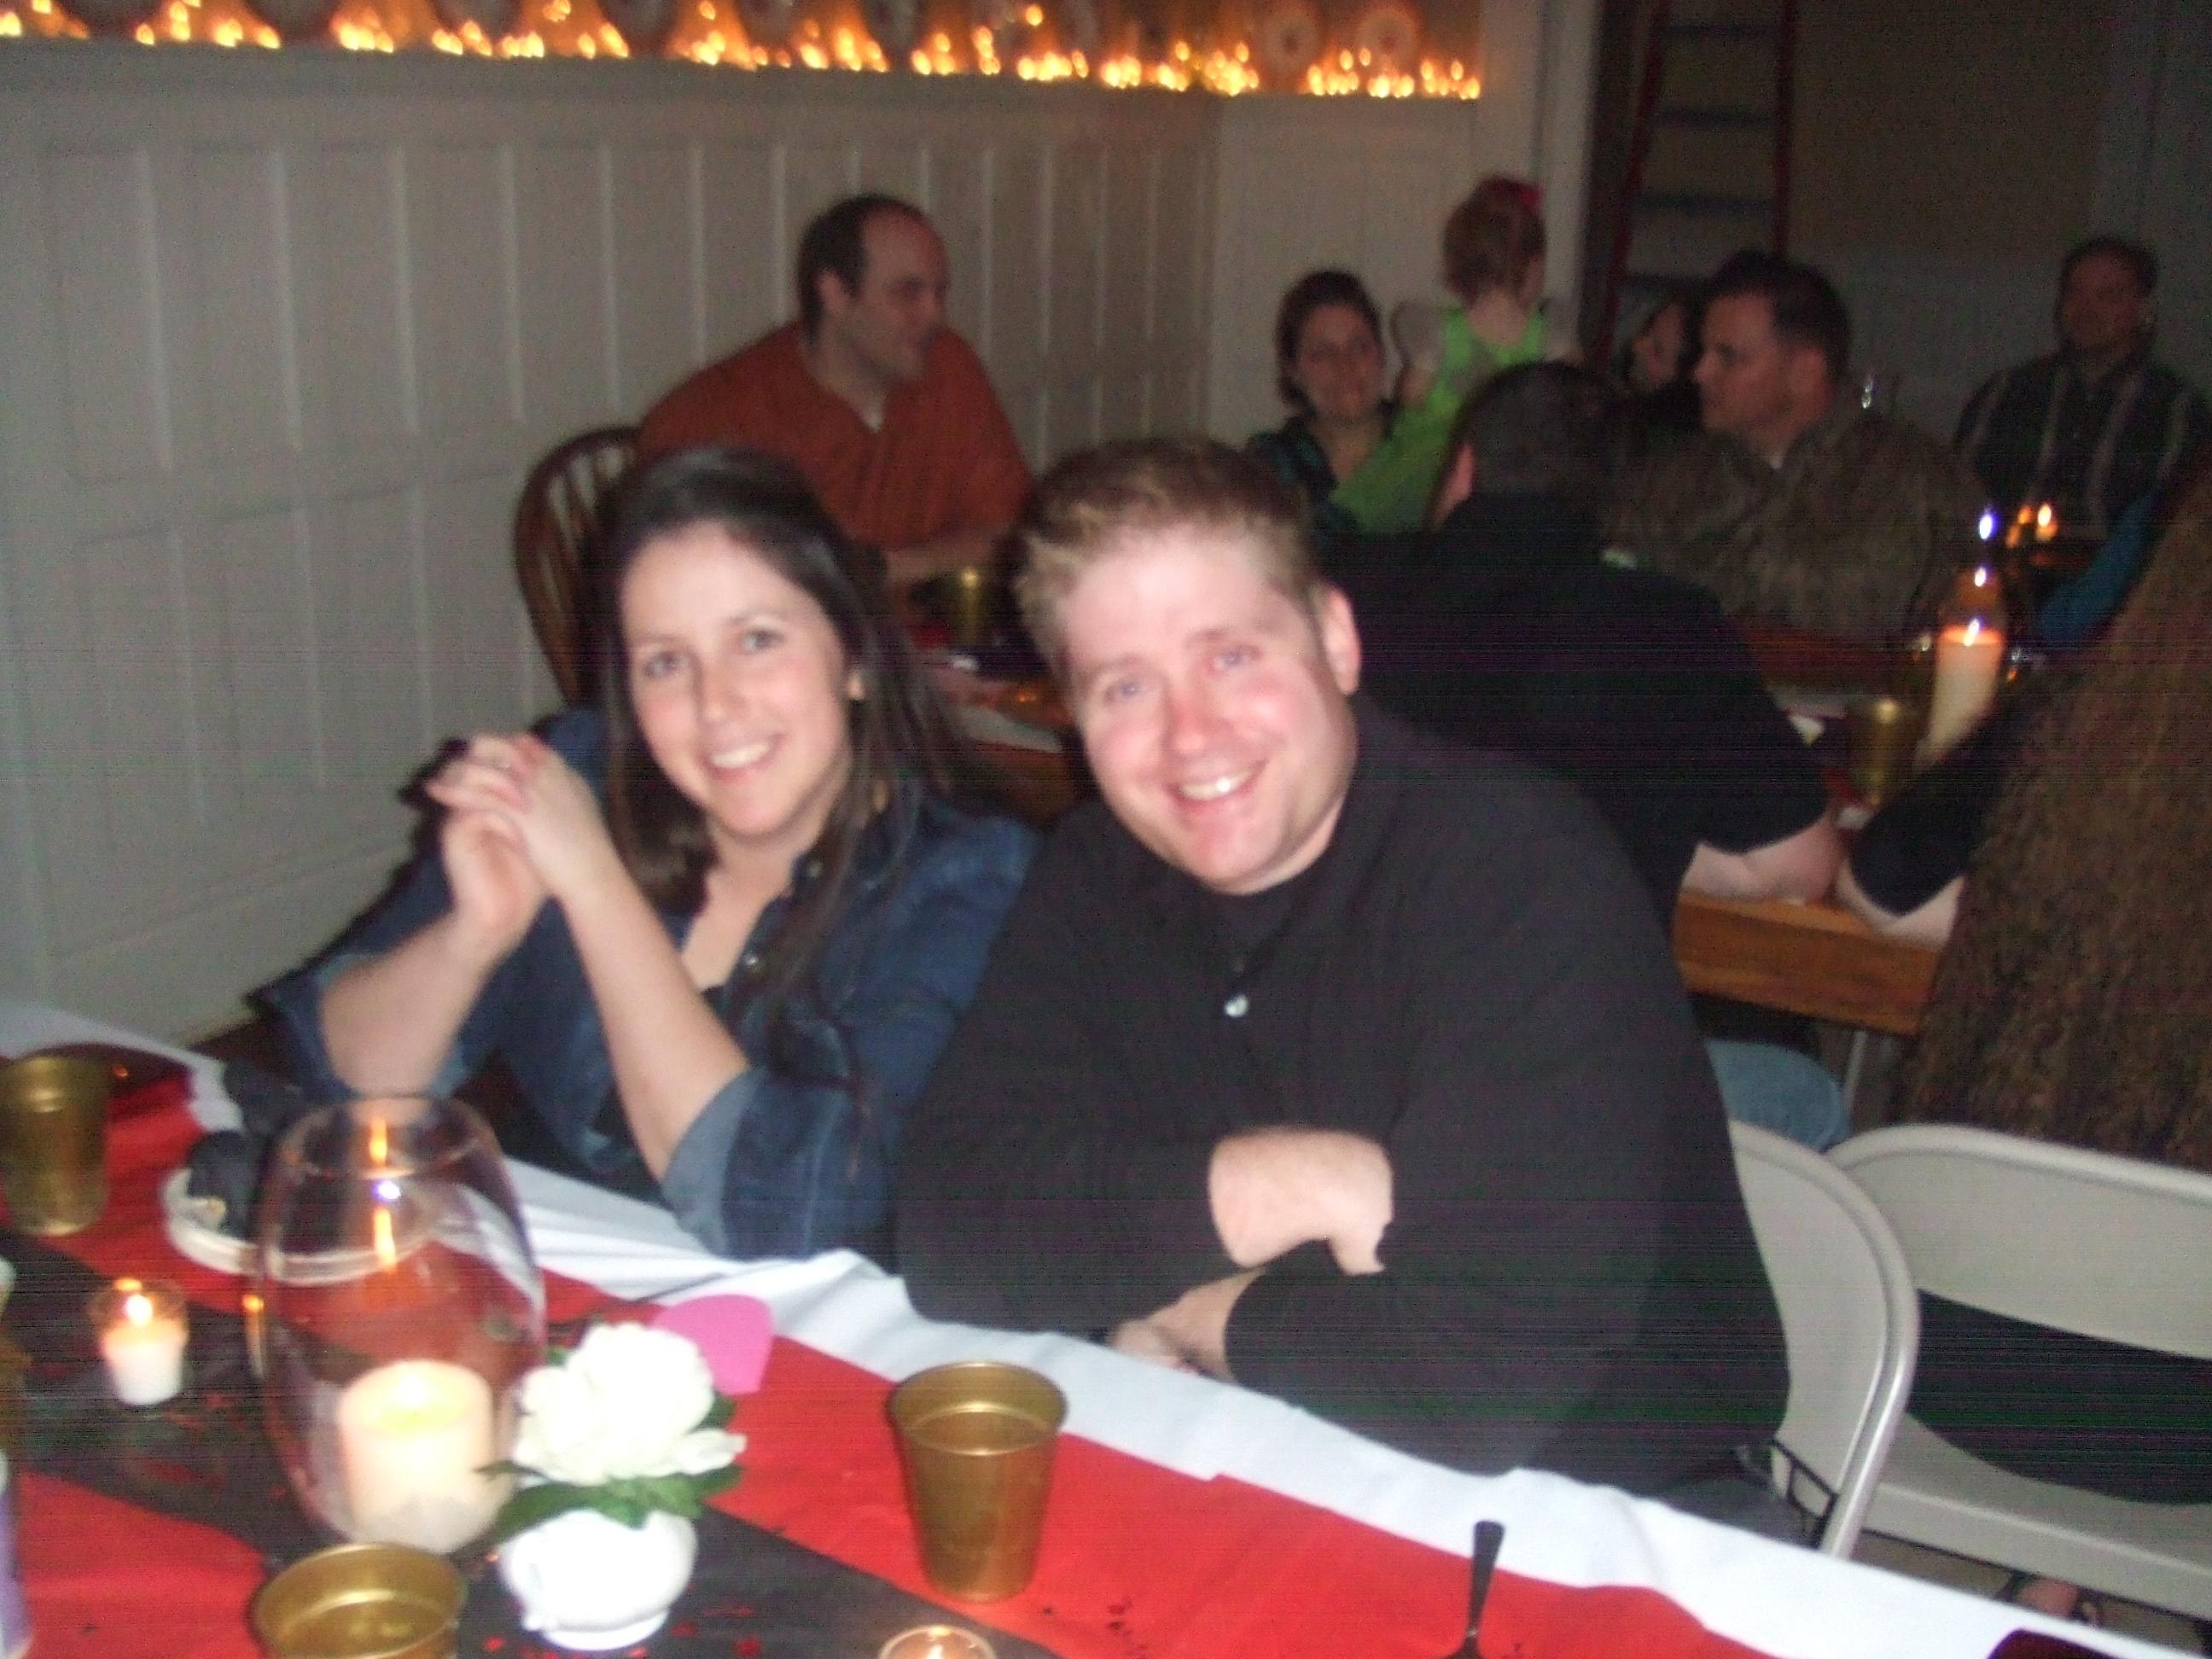 Brad and Ashleigh